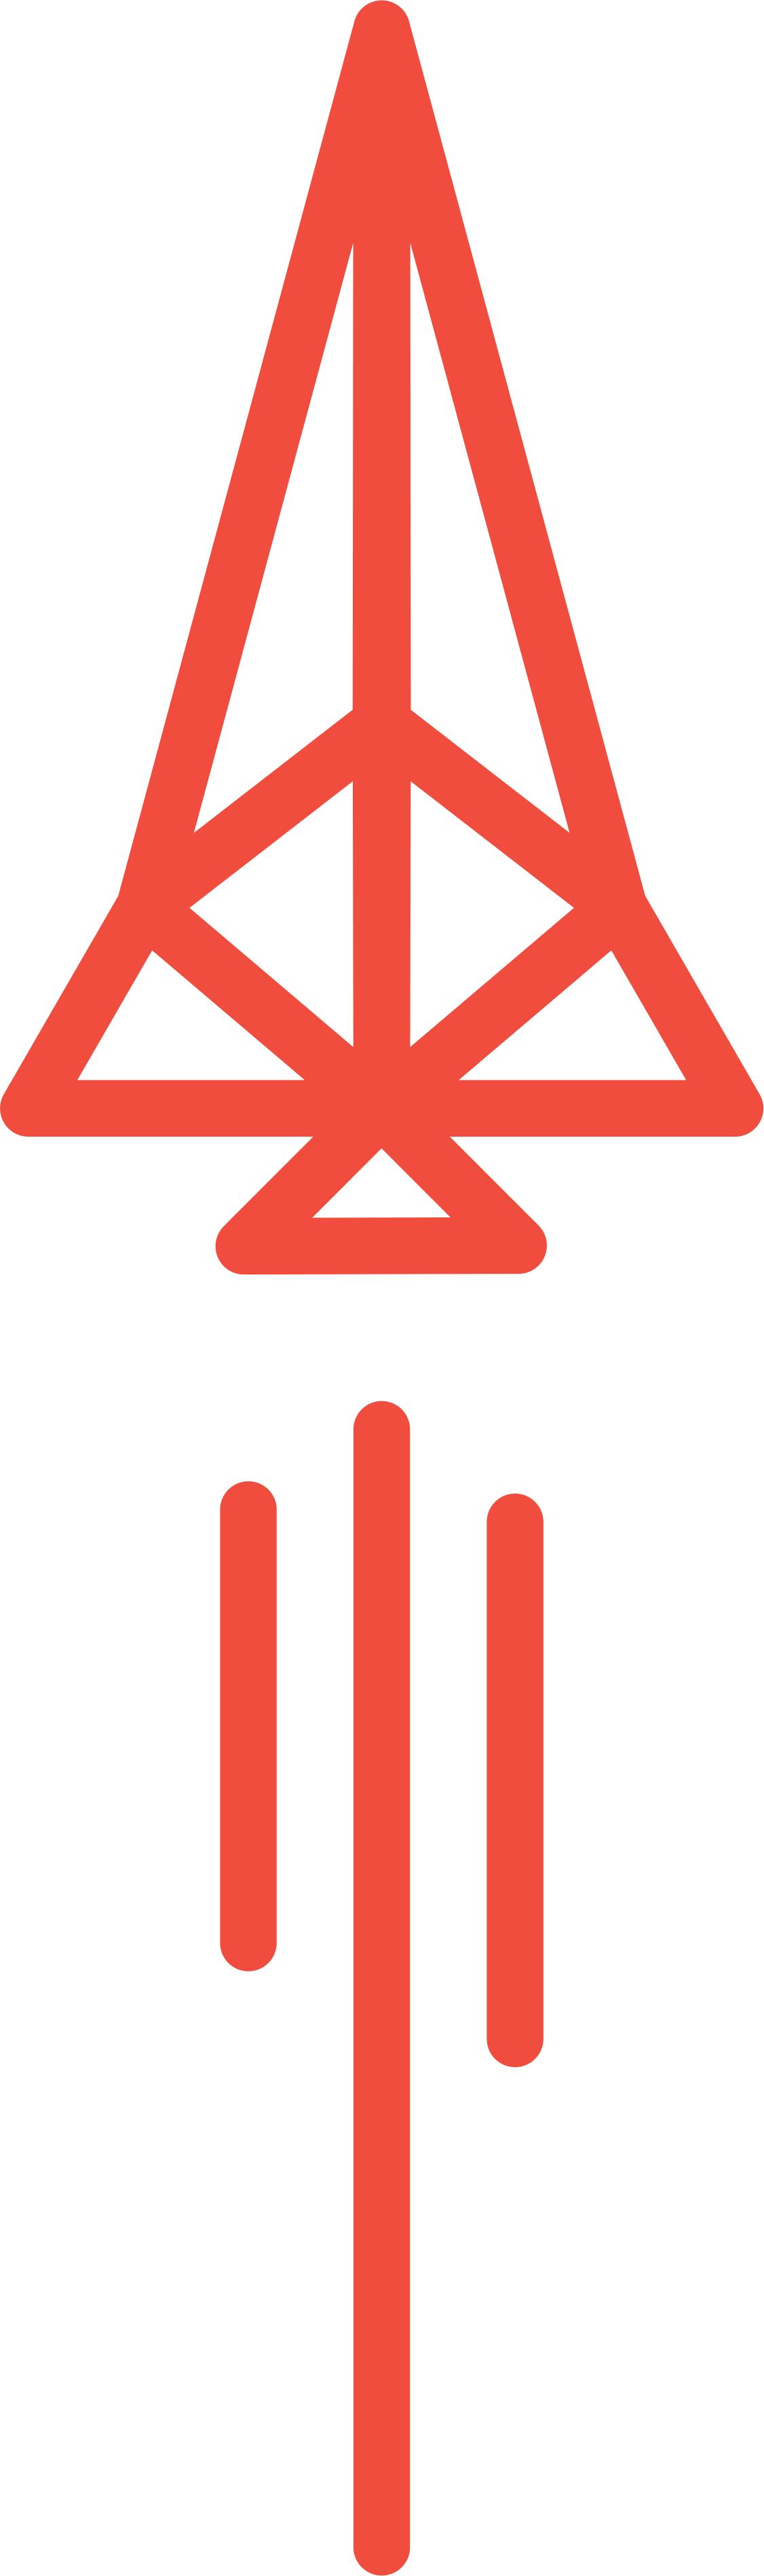 innovazione-icona-rossa